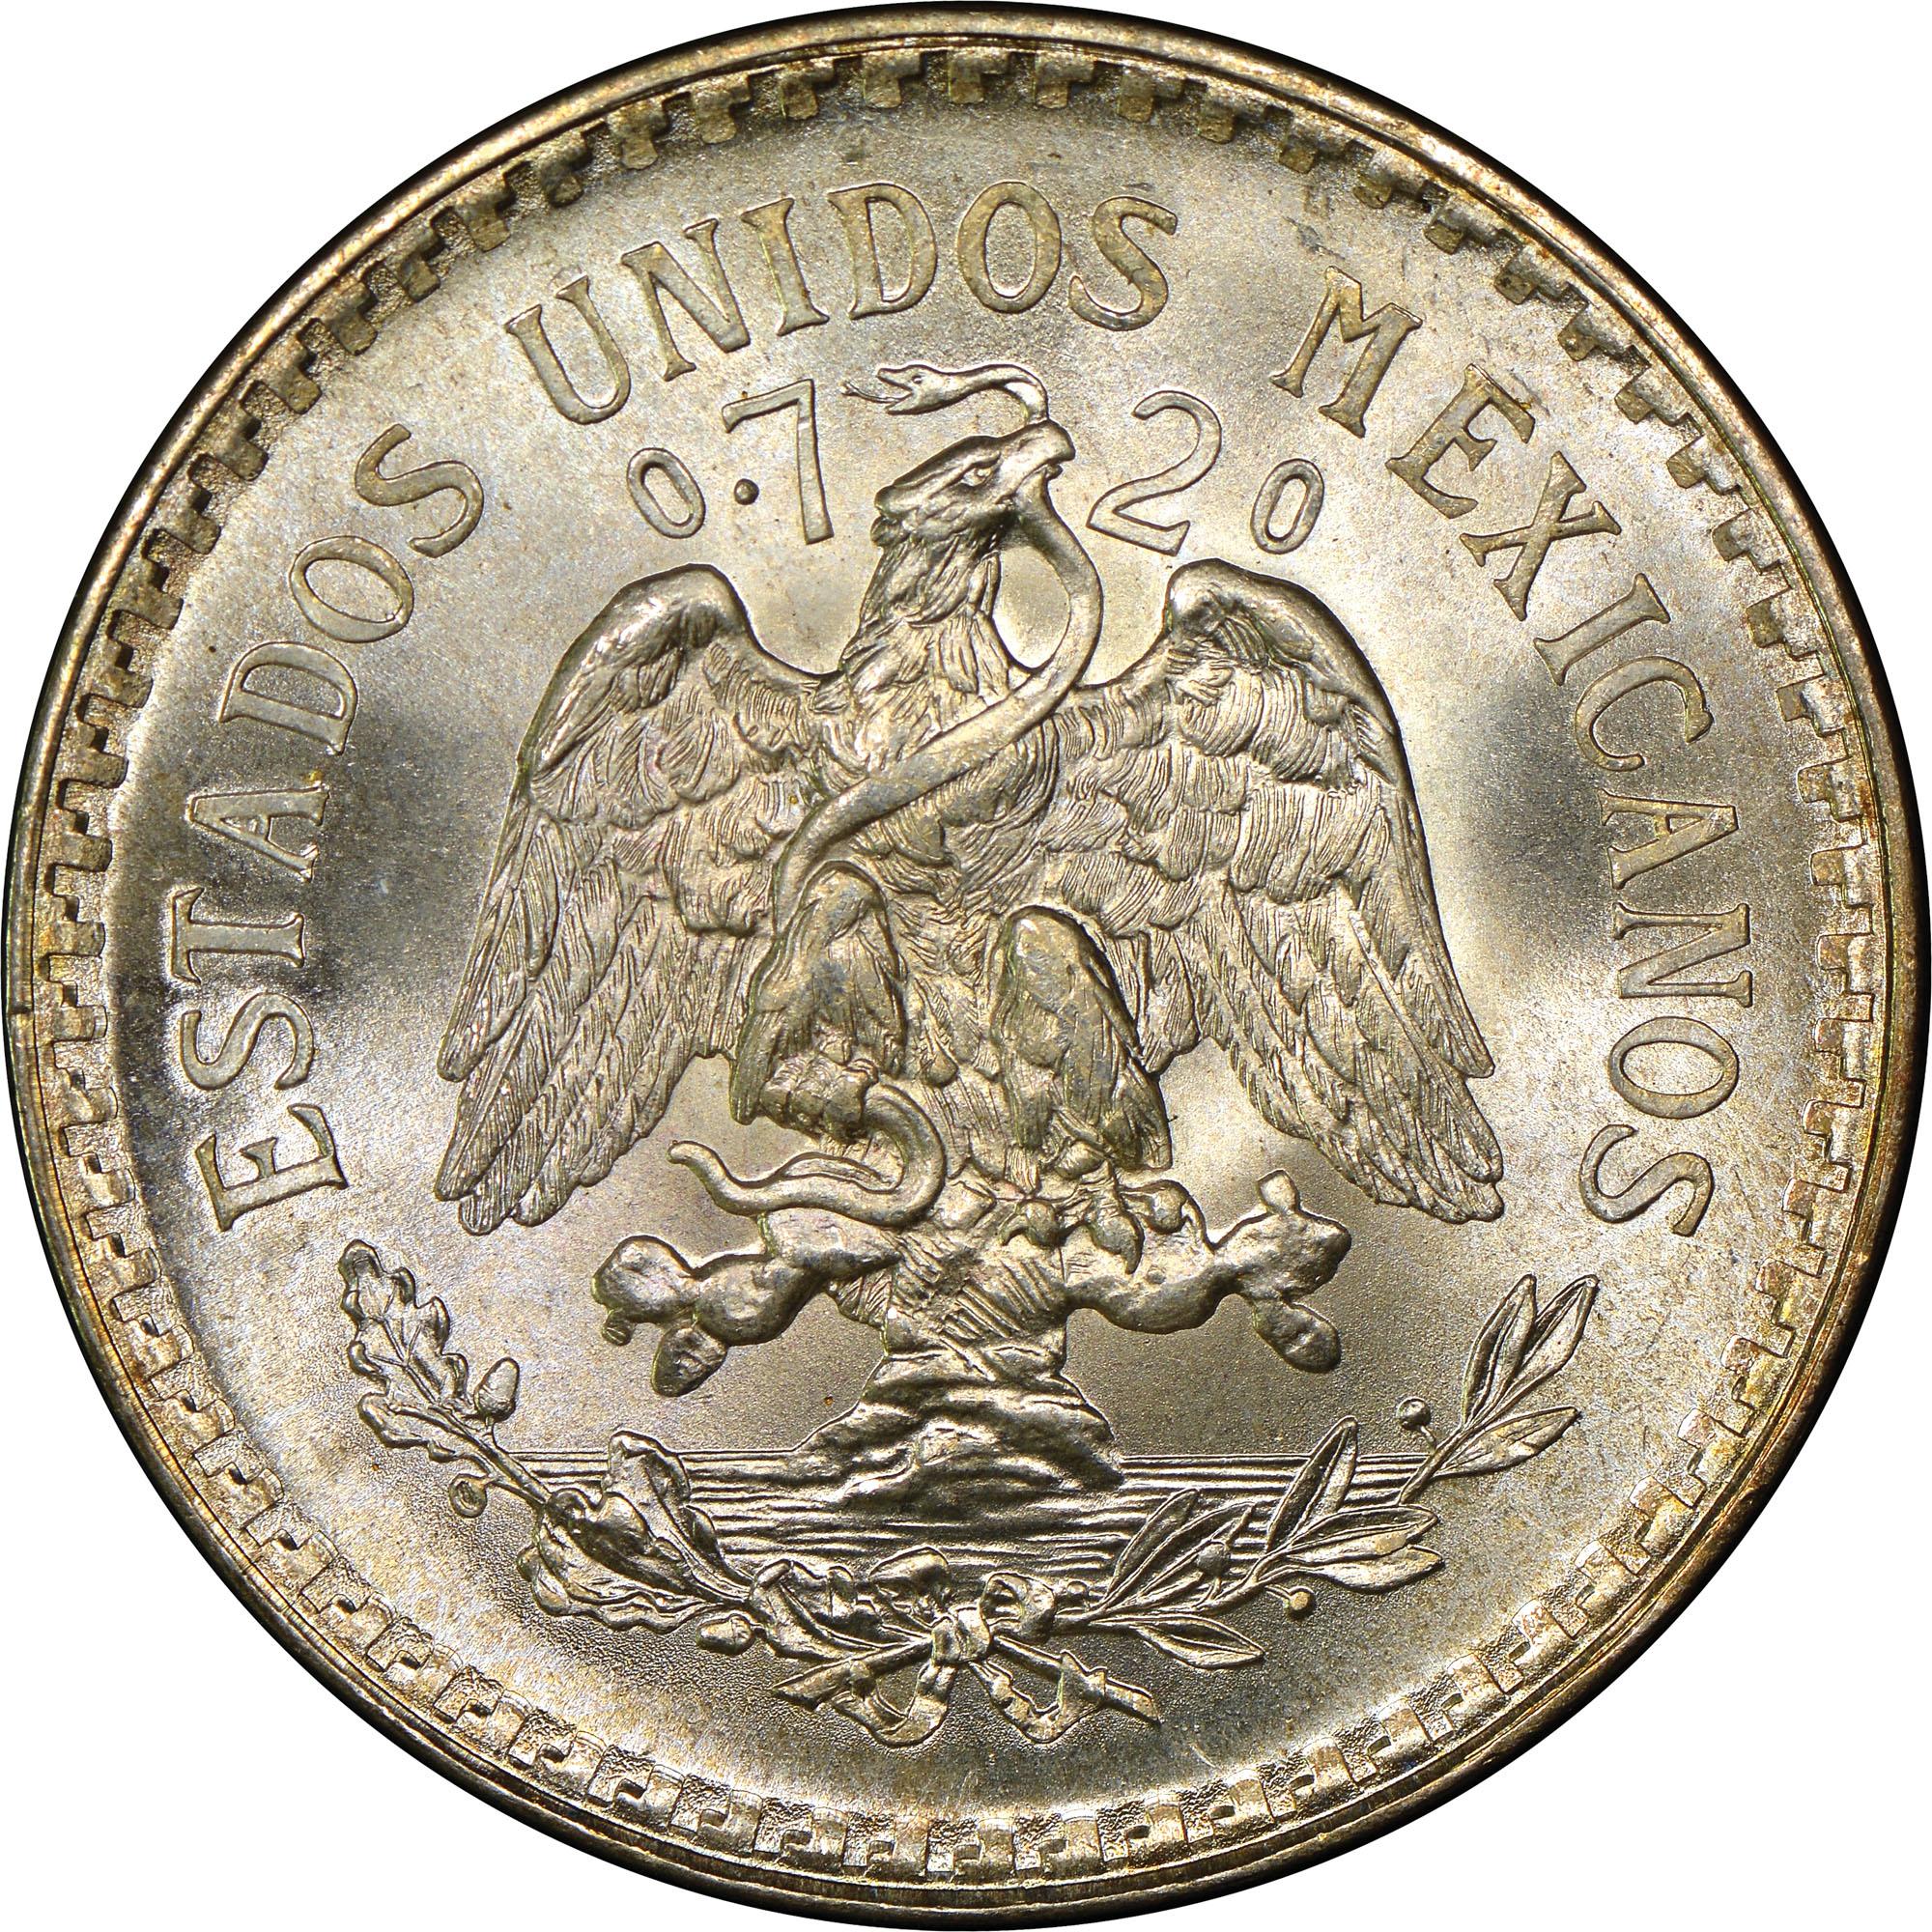 Mexico ESTADOS UNIDOS MEXICANOS Peso KM 455 Prices ...